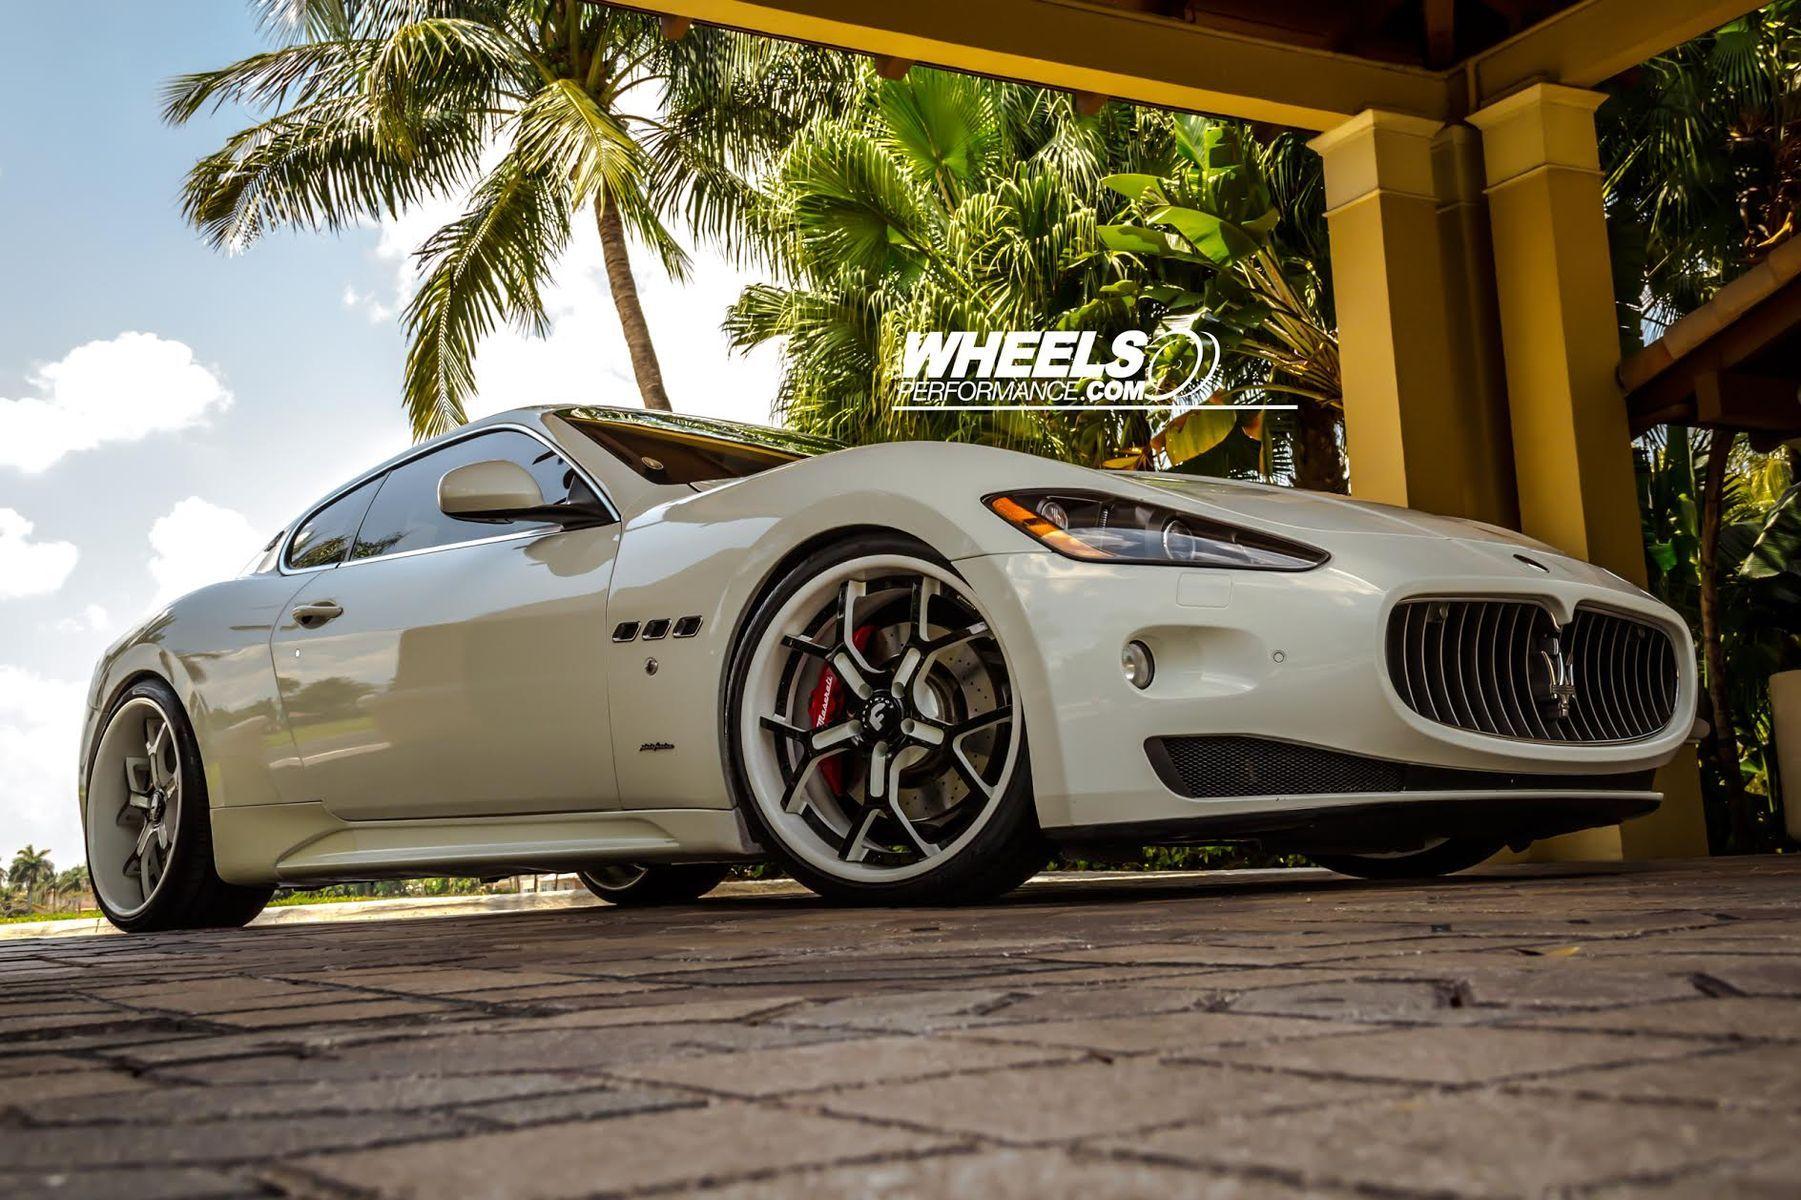 2010 Maserati GranTurismo | OUR CLIENT'S MASERATI GRAN TURISMO WITH 21/22